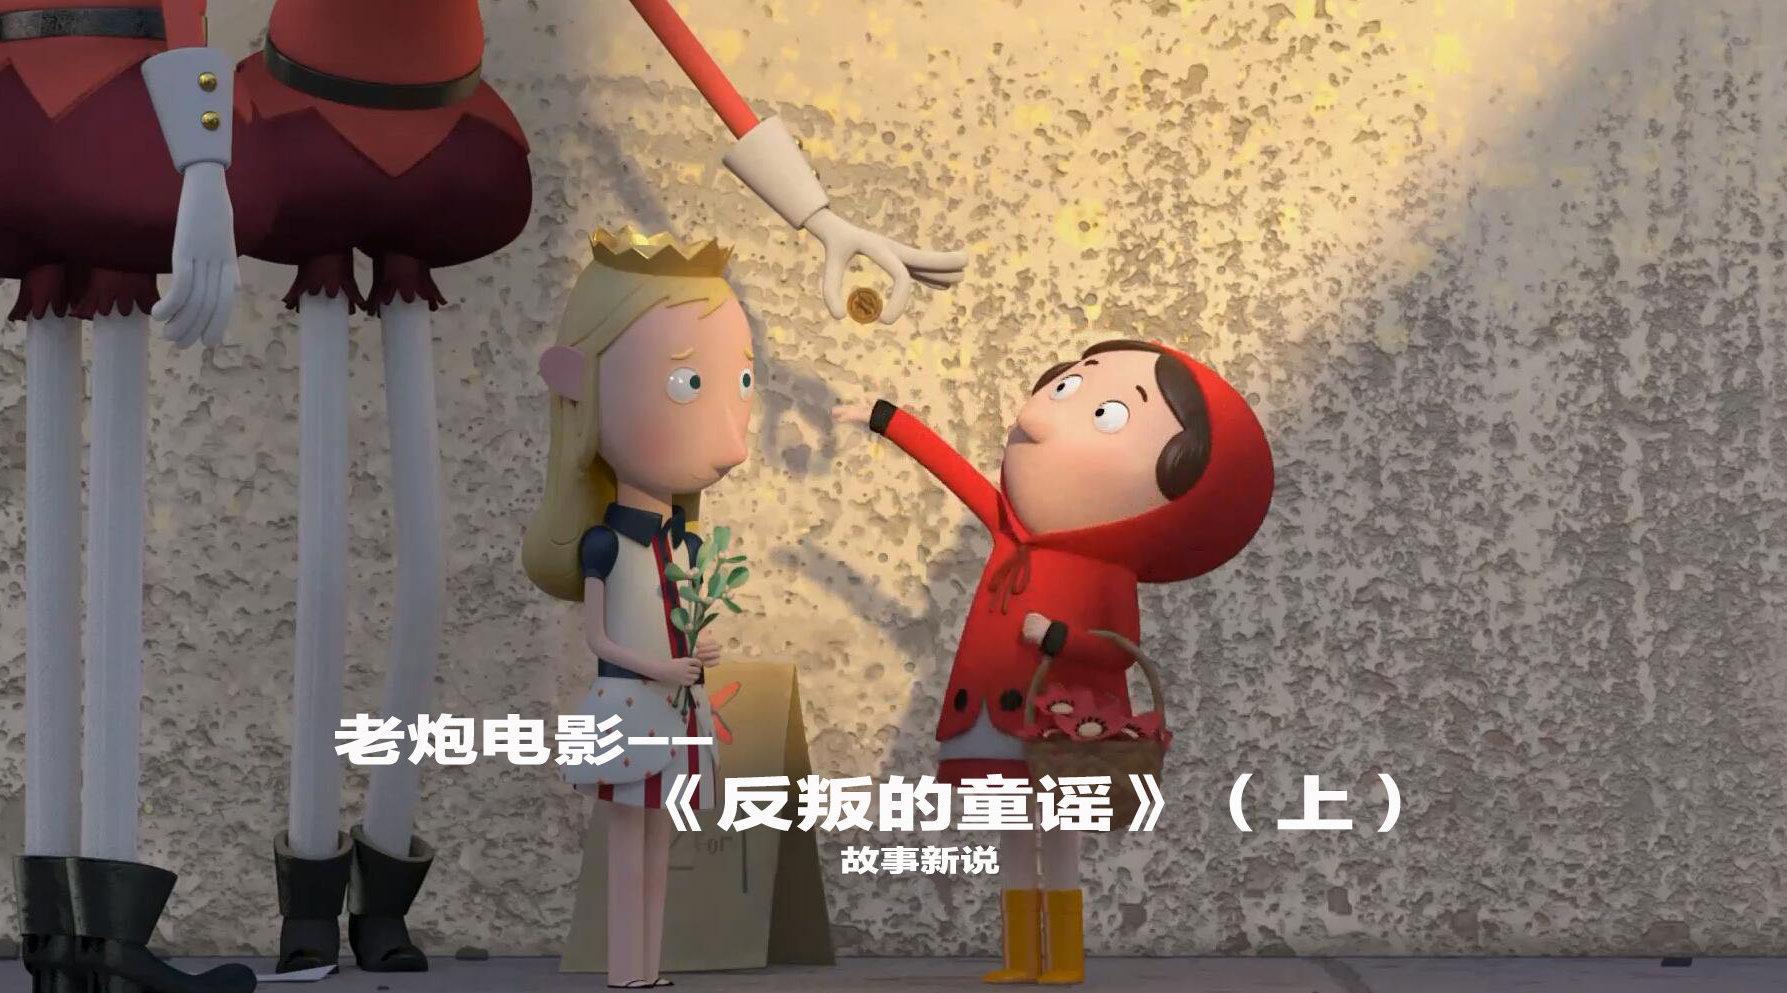 白雪公主和小红帽成为朋友之后,一切的童话都被改写了